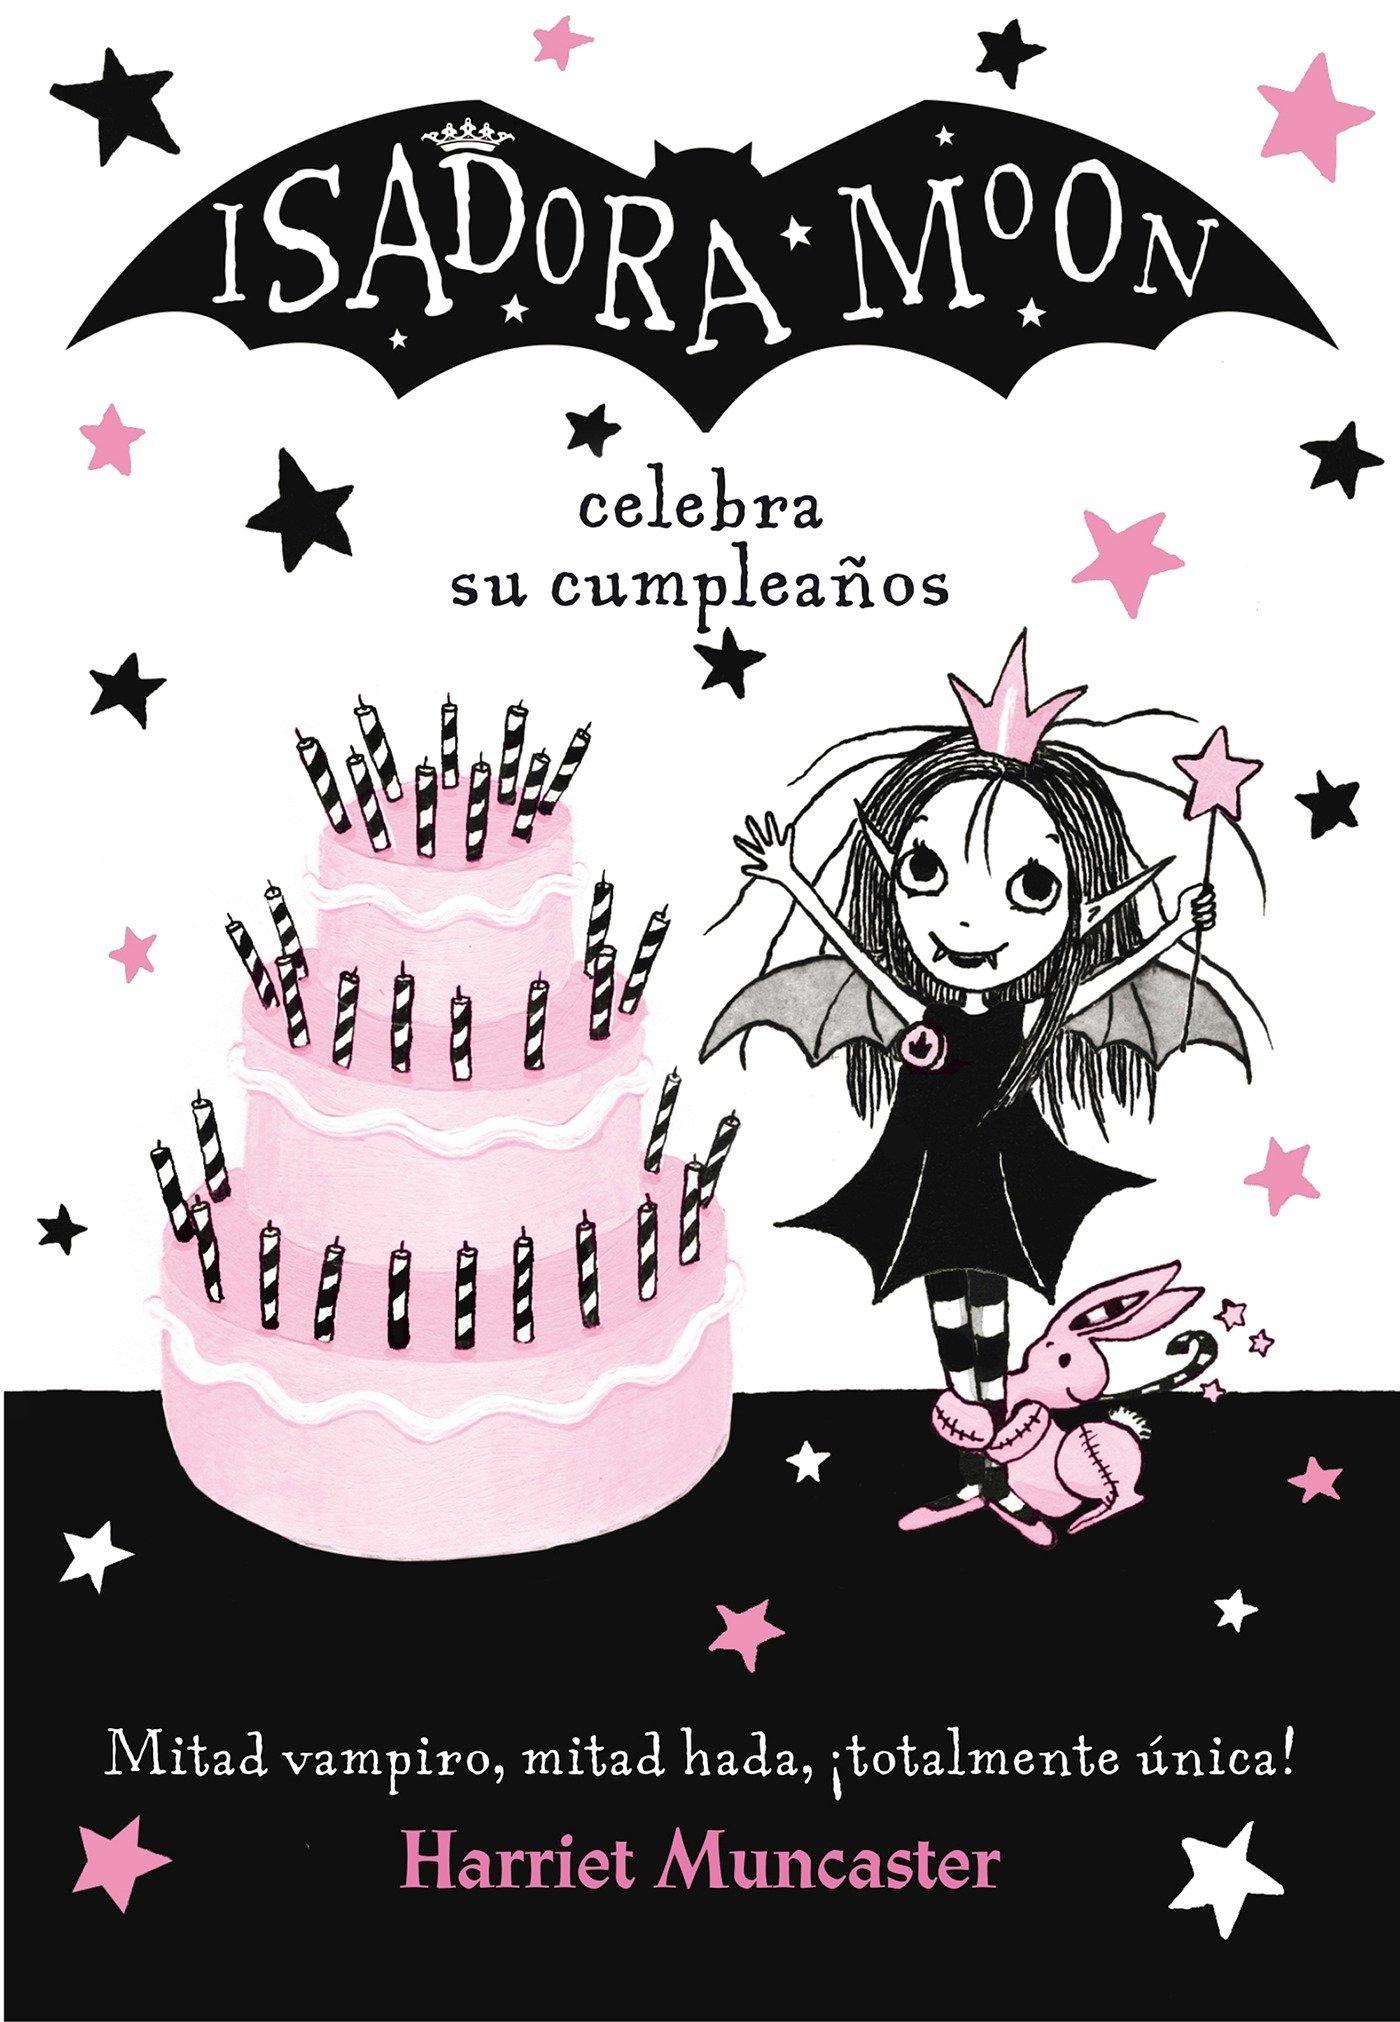 Isadora Moon celebra su cumpleaños (FICCIÓN INFANTIL) - 9788420485836 Tapa blanda – 6 abr 2017 Harriet Muncaster ALFAGUARA 8420485837 Birthdays;Fiction.